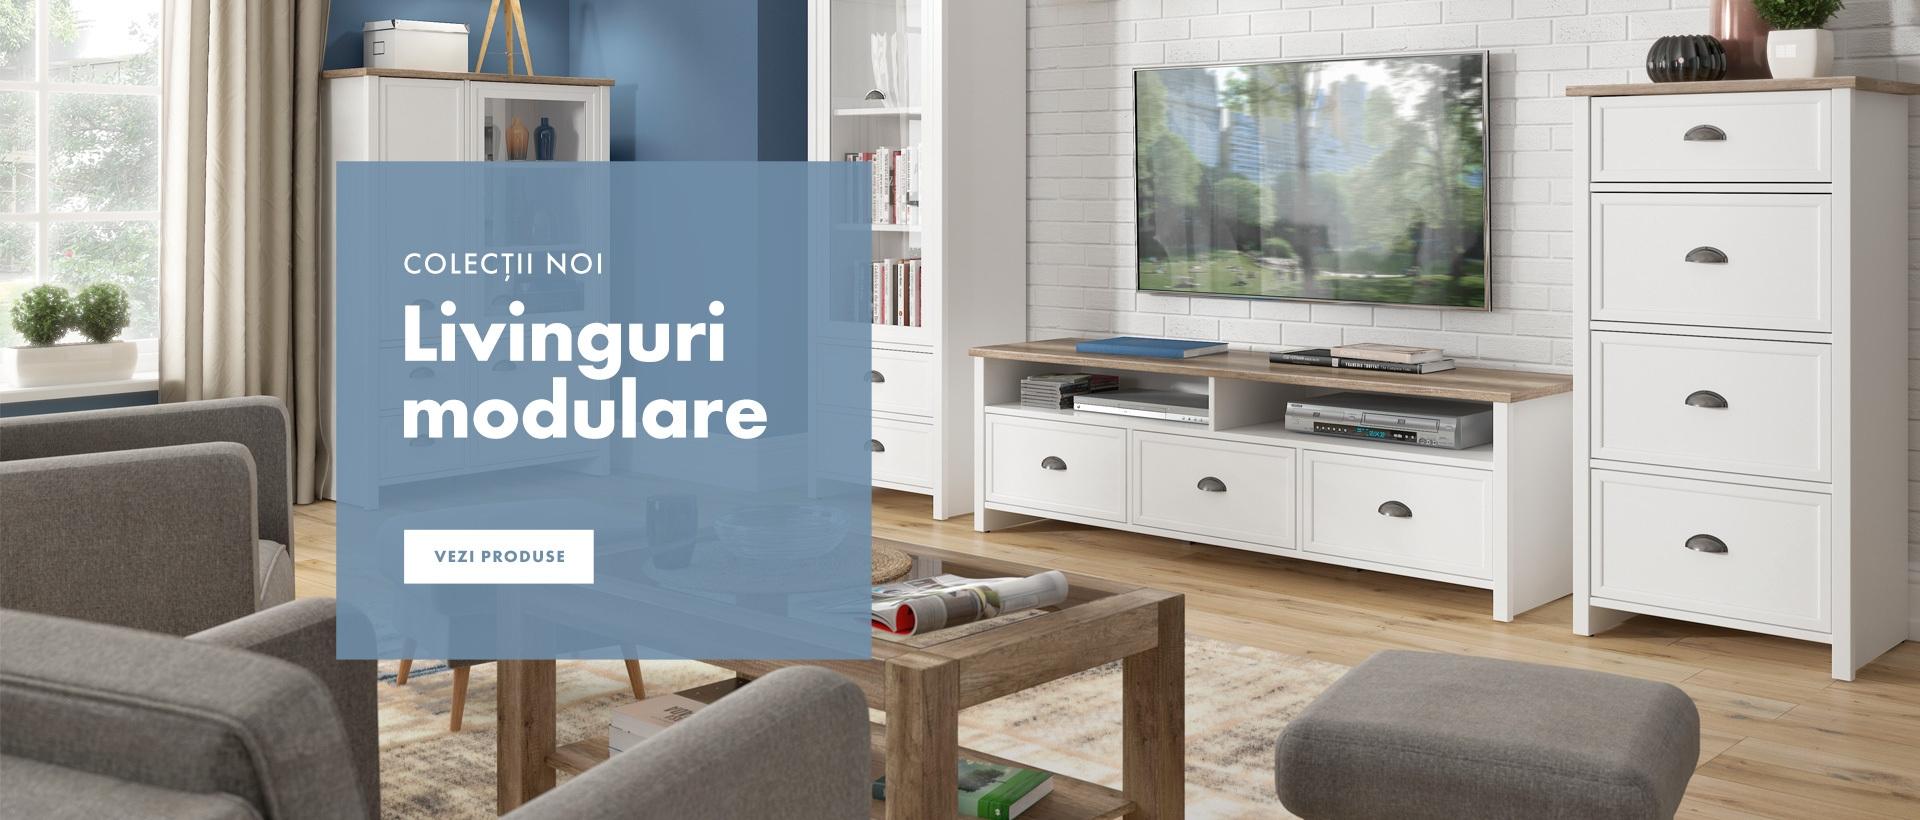 Colecții noi - Livinguri modulare